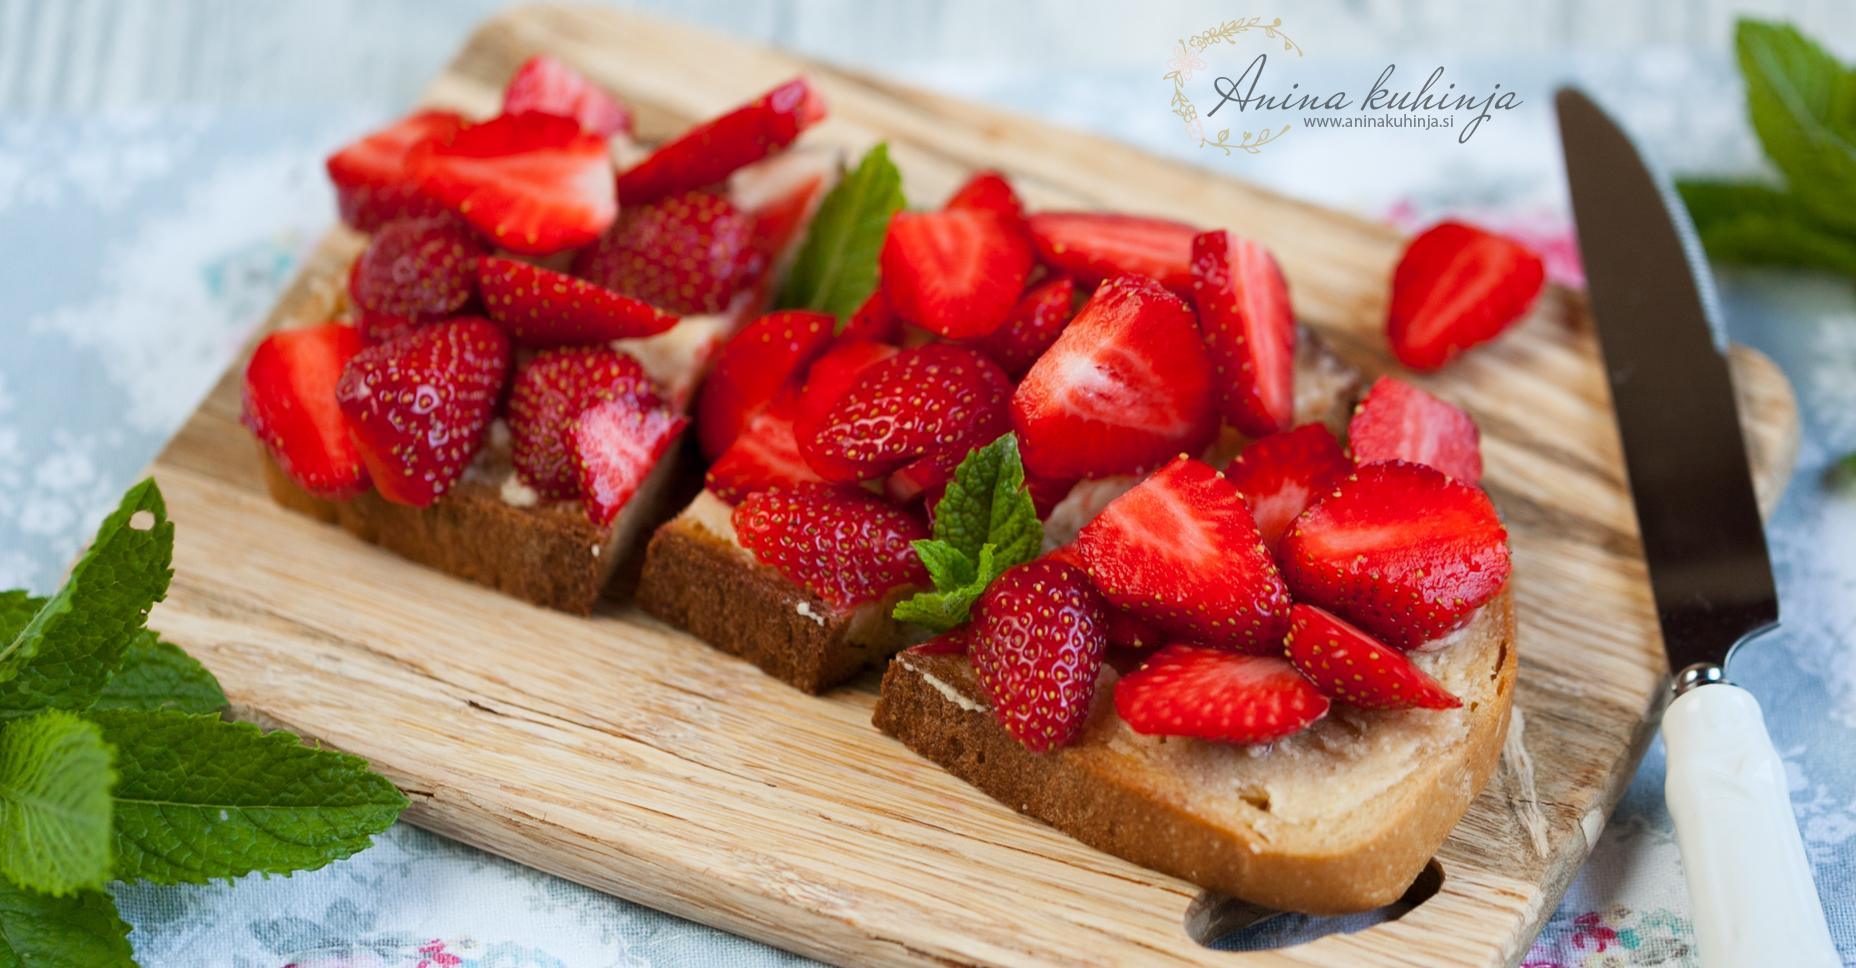 Kruhki z medenim maslom in svežimi jagodami